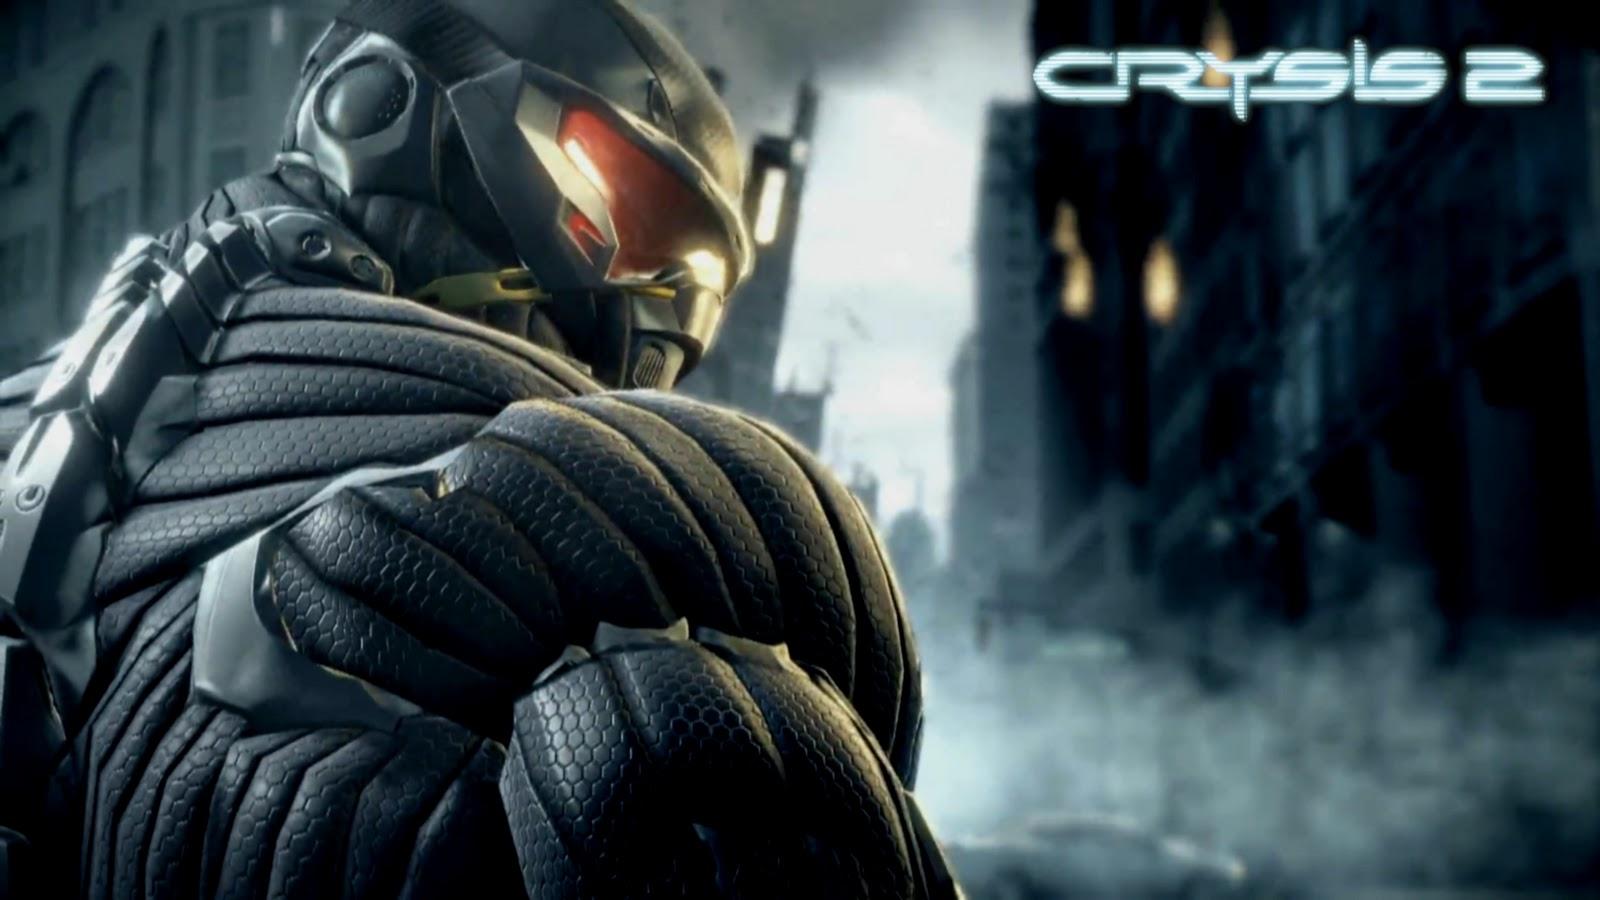 http://3.bp.blogspot.com/-y8y7Oa3Vvi4/TZgsnerDotI/AAAAAAAAABo/f_QQeRE7Za0/s1600/crysis-2-wallpaper-superhero.jpg